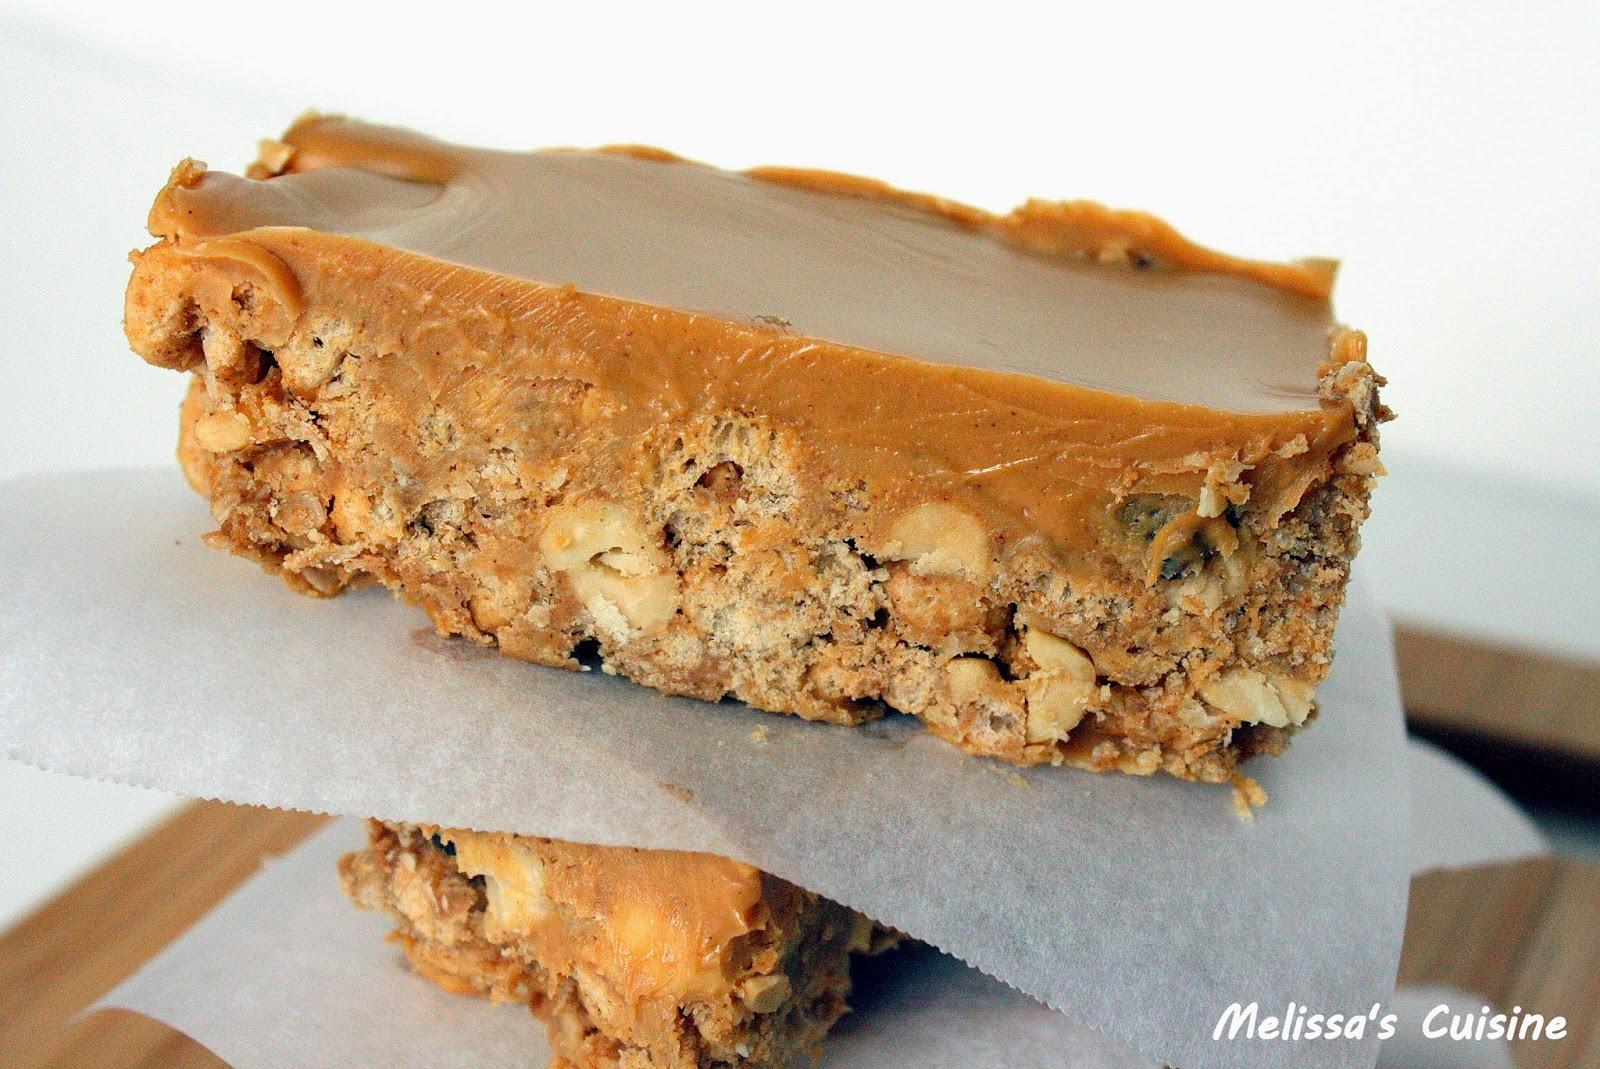 Melissa's Cuisine:  Sweet and Salty Peanut Granola Bars